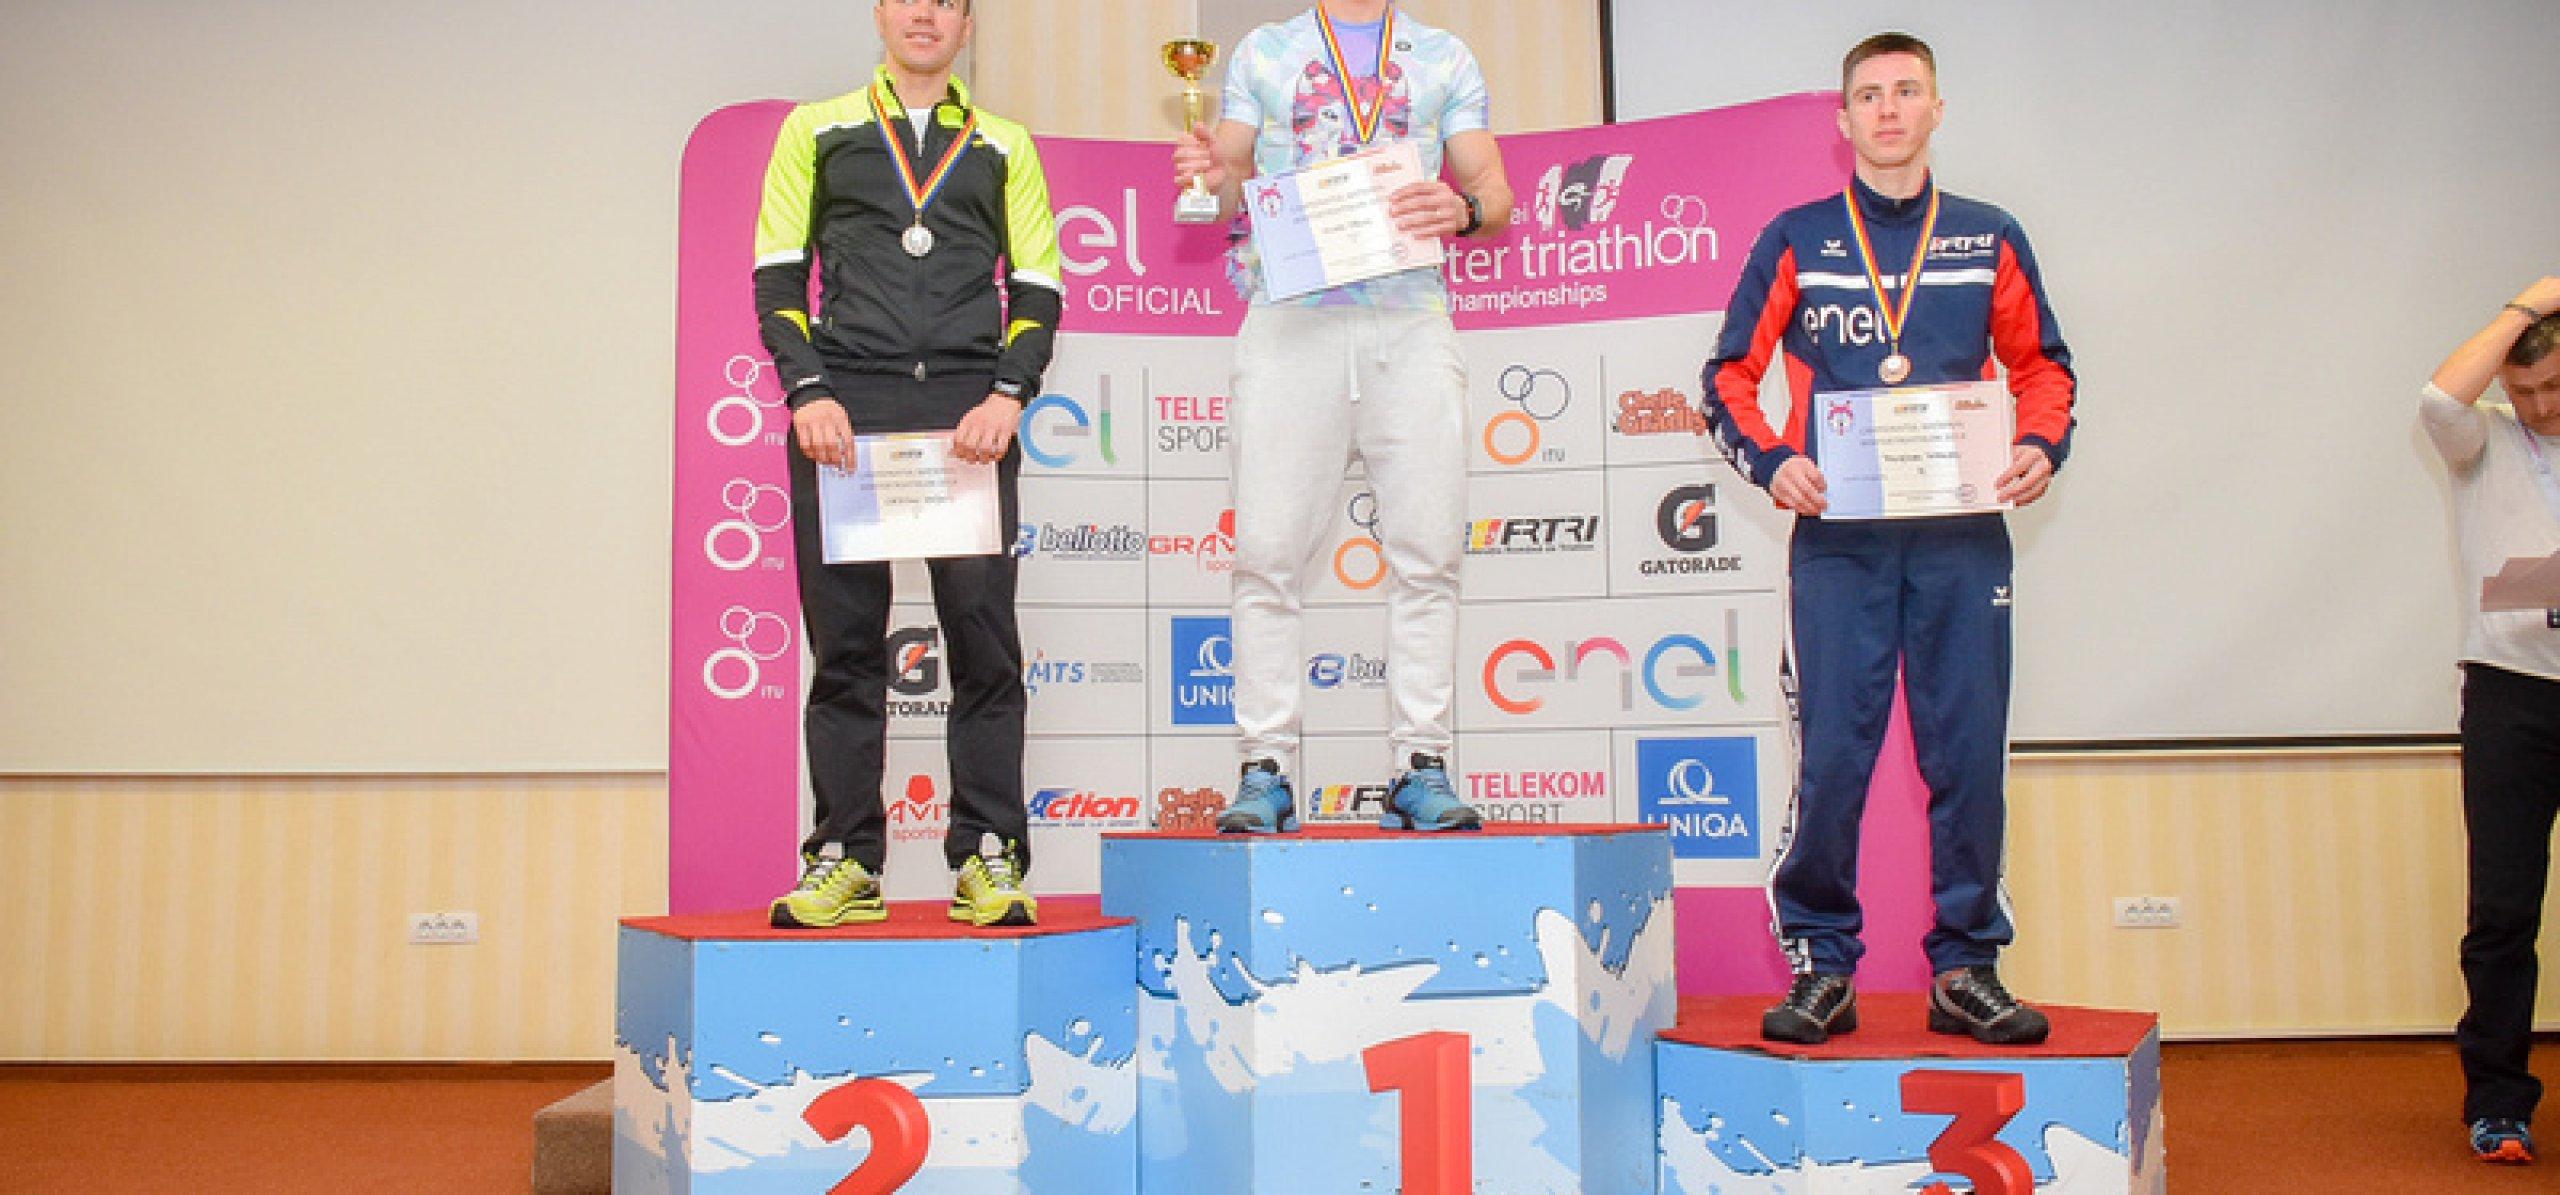 echipe-campionatul-mondial-triathlon